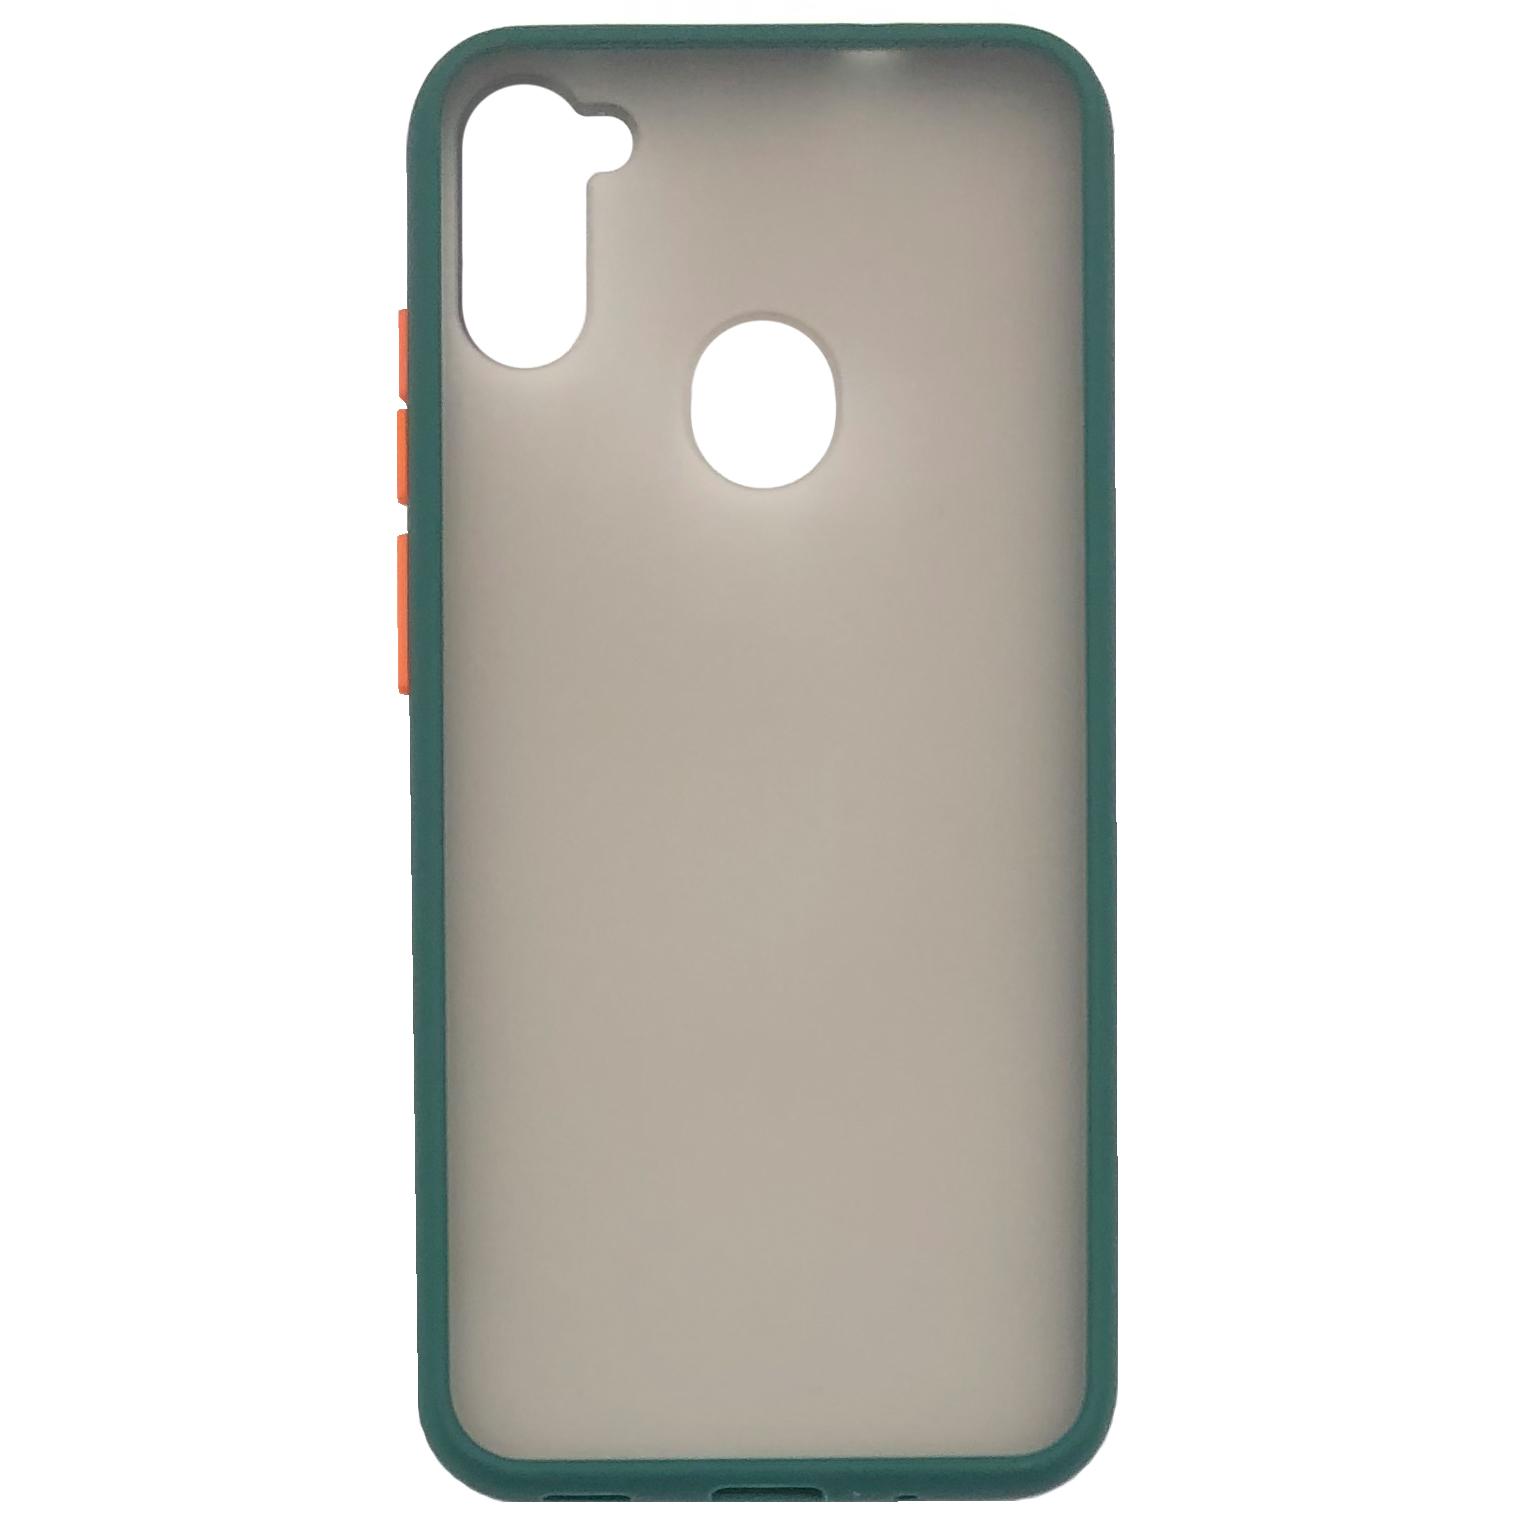 کاور مدل ME-001 مناسب برای گوشی موبایل سامسونگ Galaxy A11